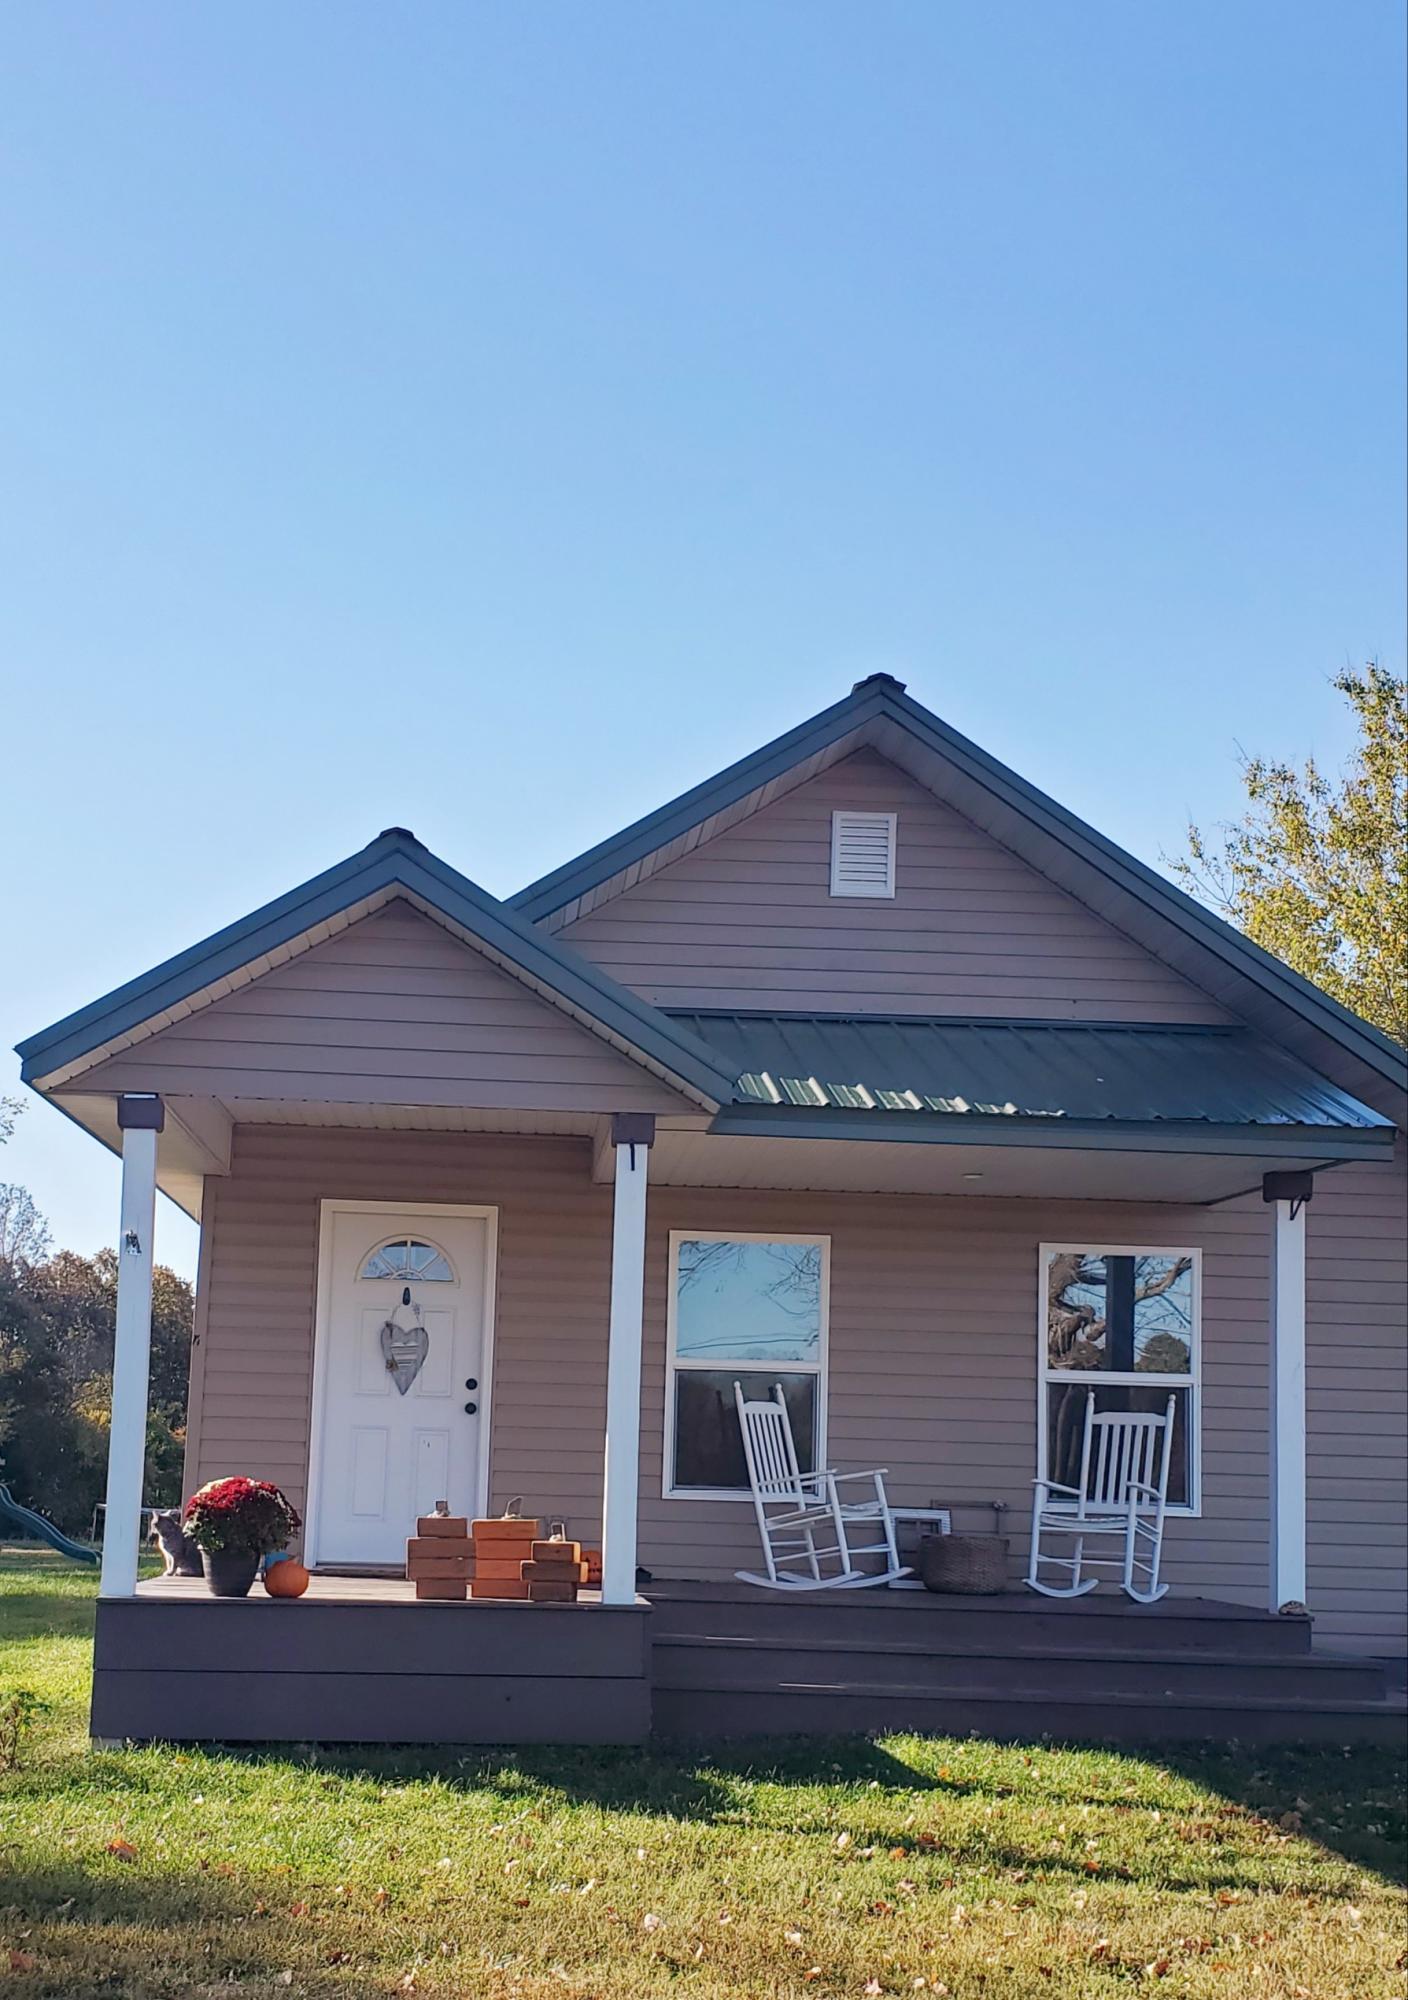 7650 State Hwy Bb Willard, MO 65781